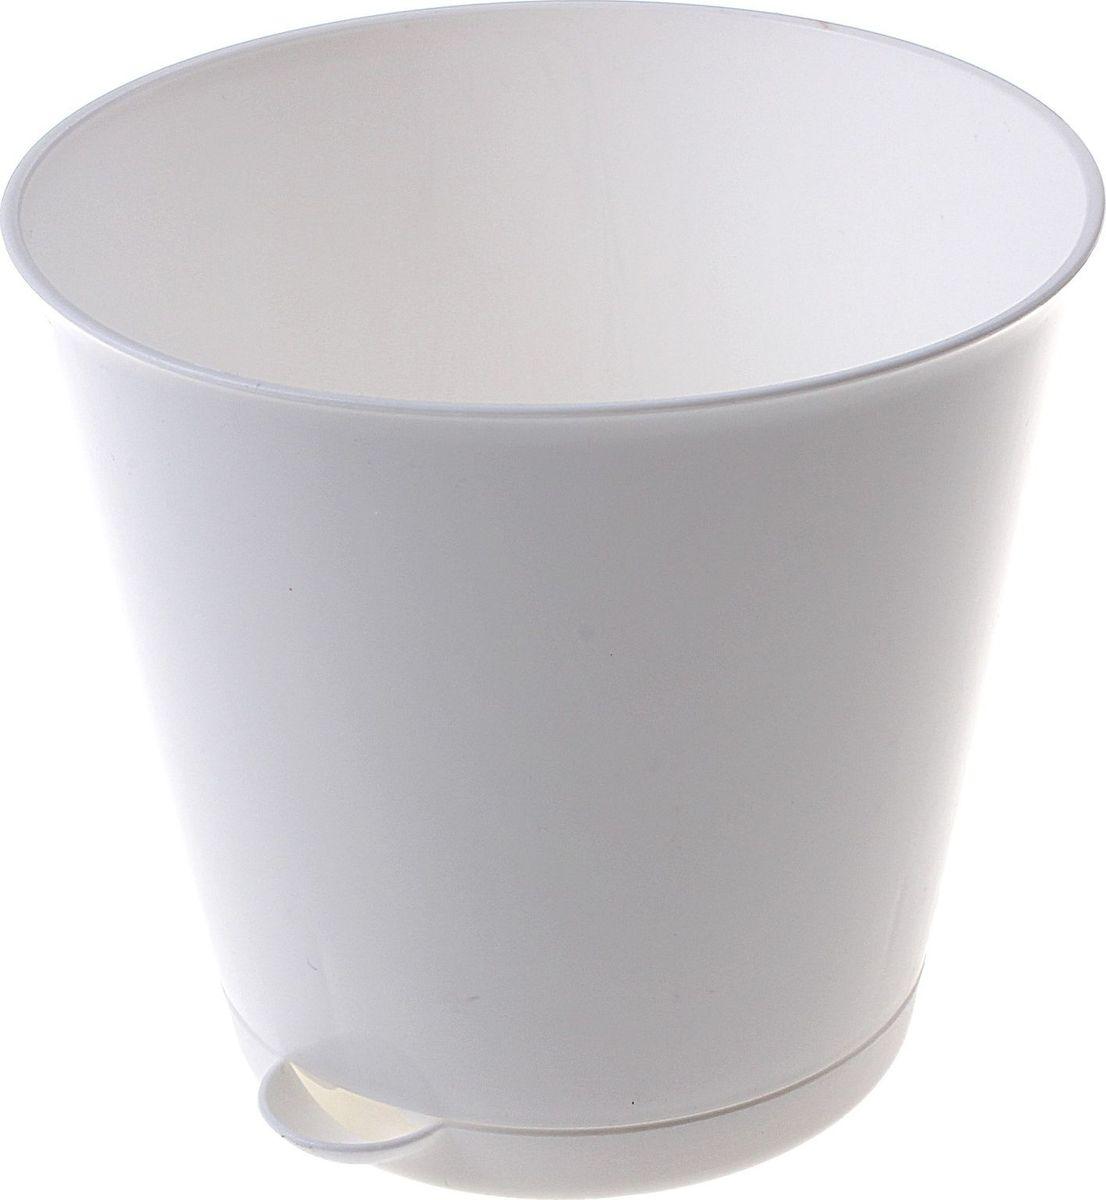 Горшок для цветов InGreen Крит, с системой прикорневого полива, цвет: белый, 700 мл612701Каждому хозяину периодически приходит мысль обновить свою квартиру, сделать ремонт, перестановку или кардинально поменять внешний вид каждой комнаты. Пластиковый горшок для цветов InGreen Крит - это поиск нового, в основе которого лежит целесообразность. Специальная конструкция обеспечивает вентиляцию в корневой системе растения, а дренажная решетка позволяет выходить лишней влаге из почвы. Крепежные отверстия и штыри прочно крепят подставку к горшку. Прикорневой полив растения осуществляется через удобный носик.Окружите себя приятными мелочами, пусть они радуют глаз и дарят гармонию.Диаметр горшка (по верхнему краю): 12 см.